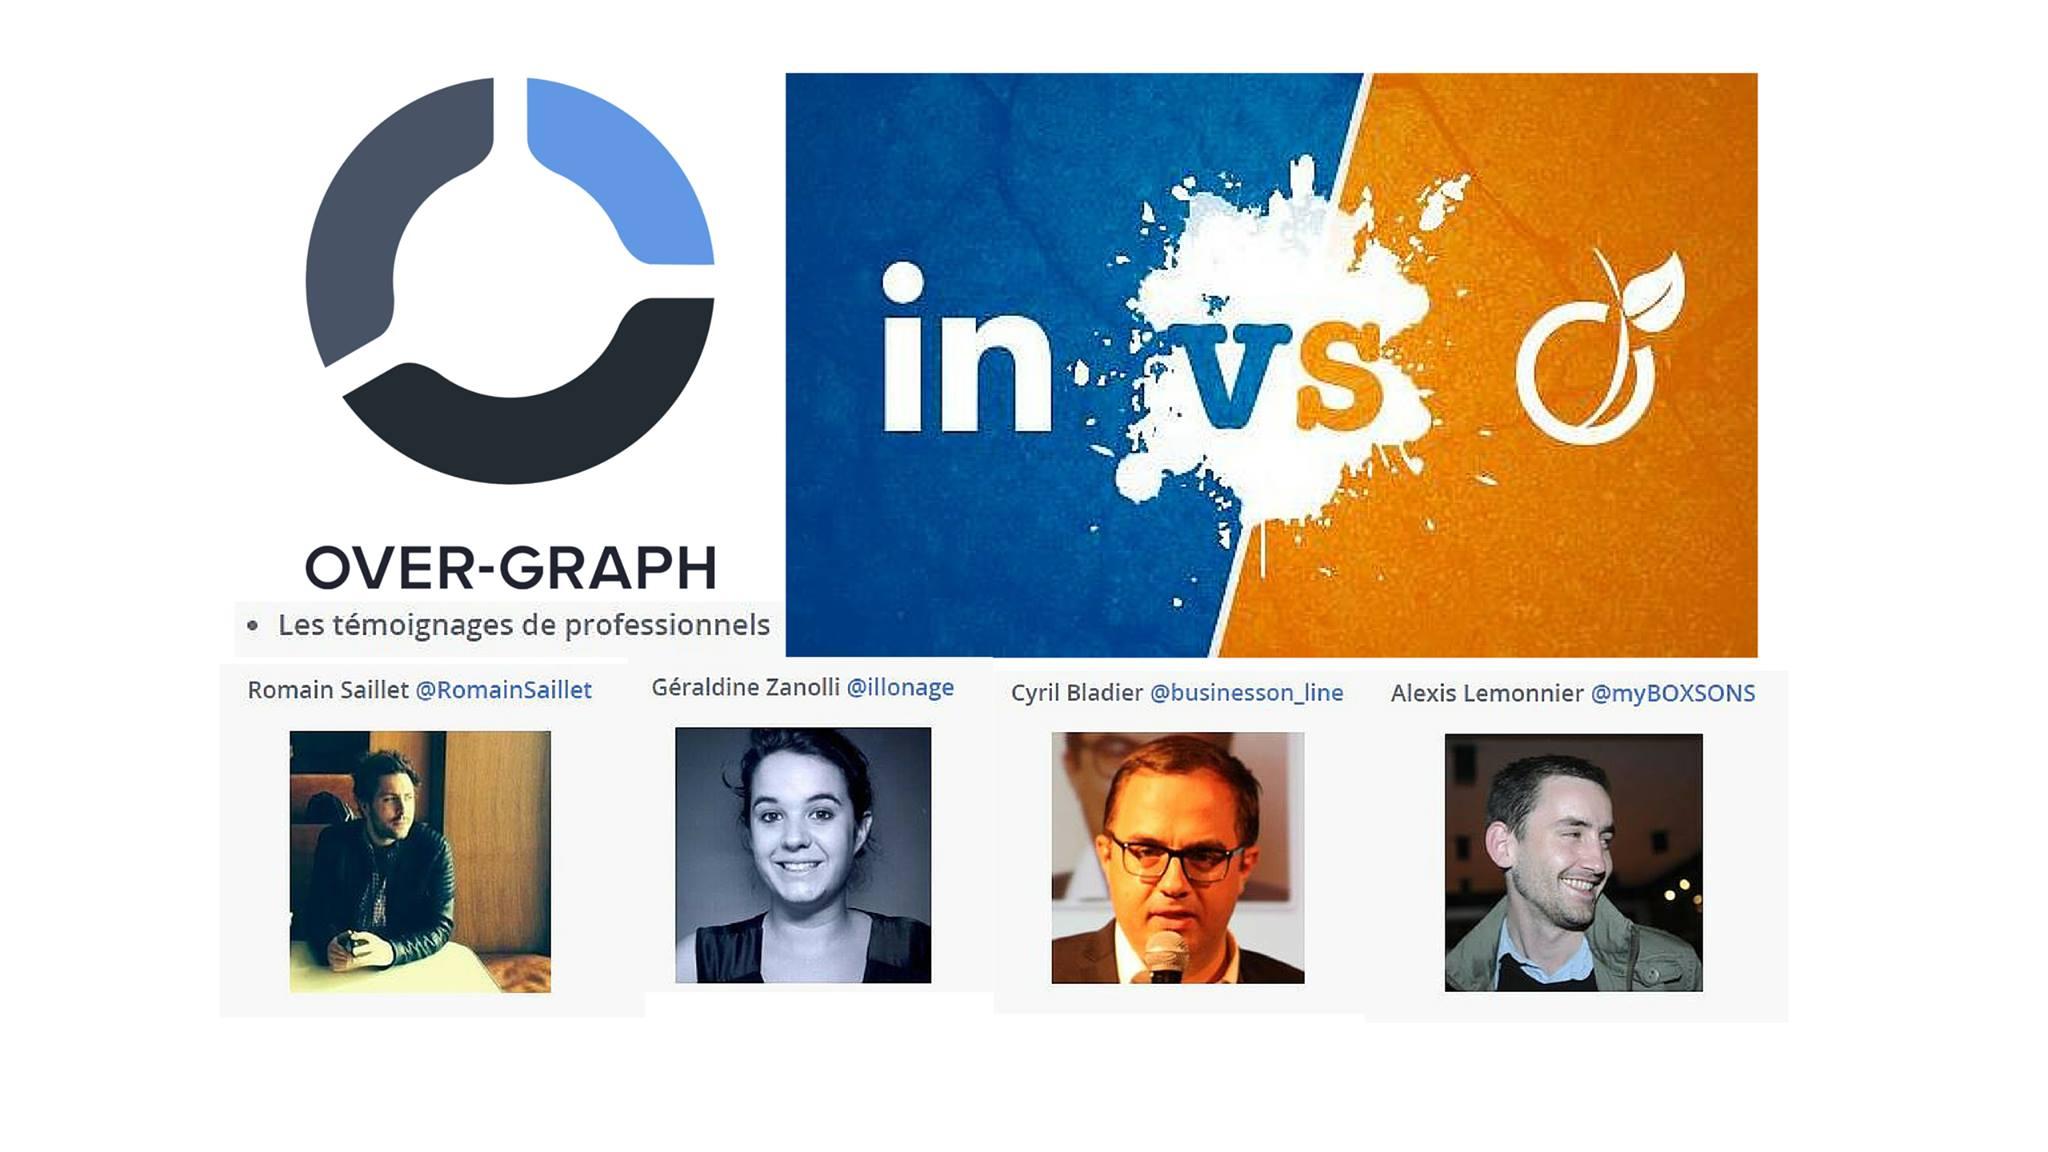 linkedin viadeo alexis lemonnier boxsons overgraph réseaux sociaux community management